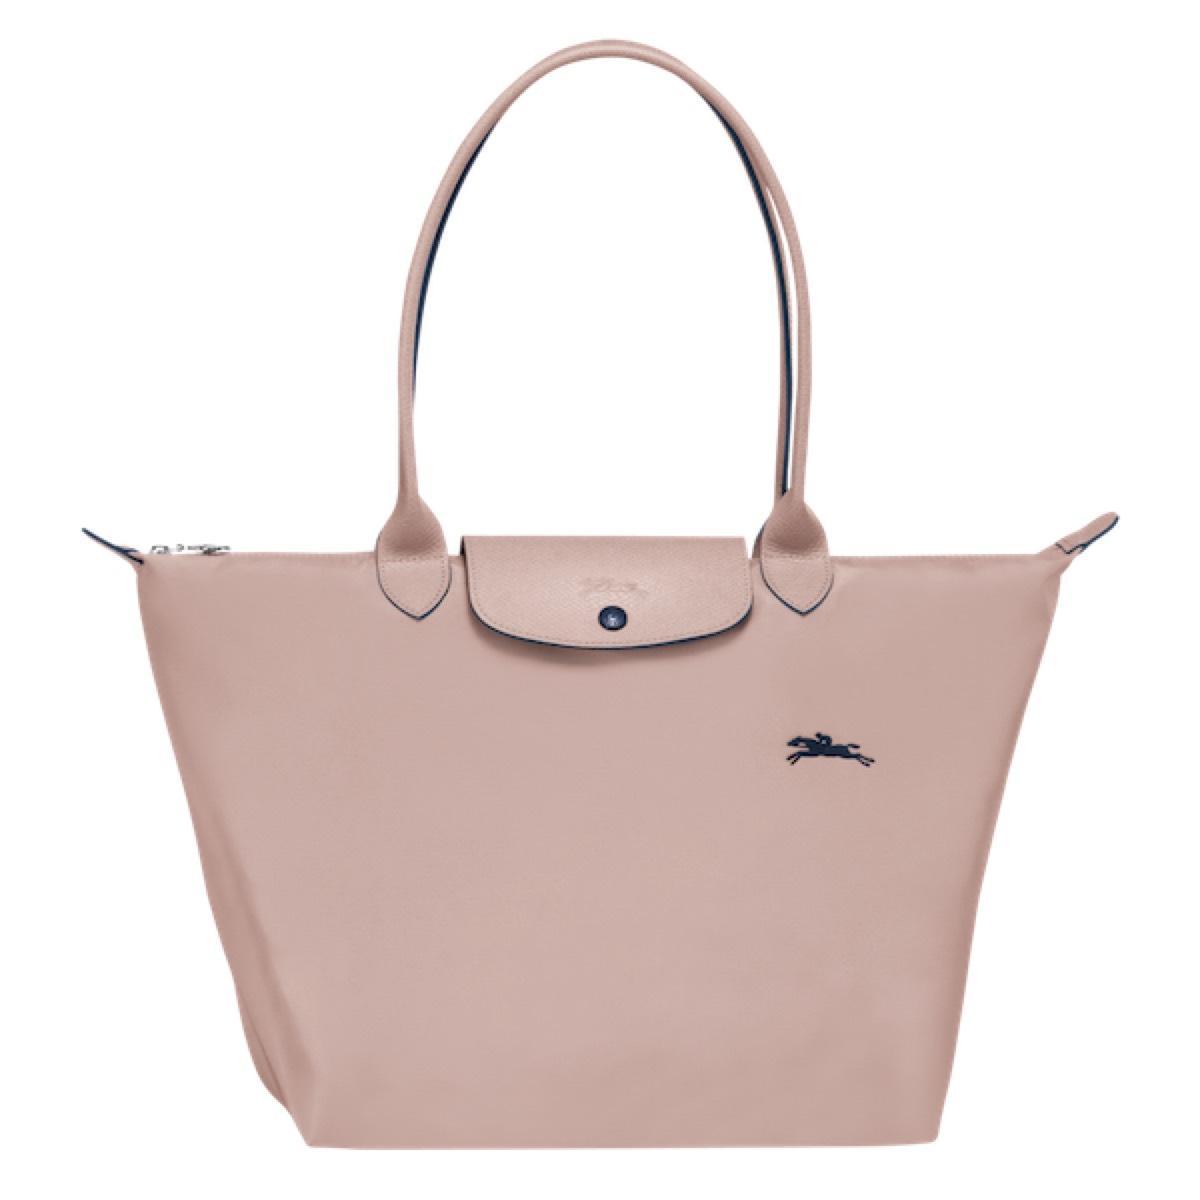 Longchamp 2019 Le Pliage Club Shoulder Bags